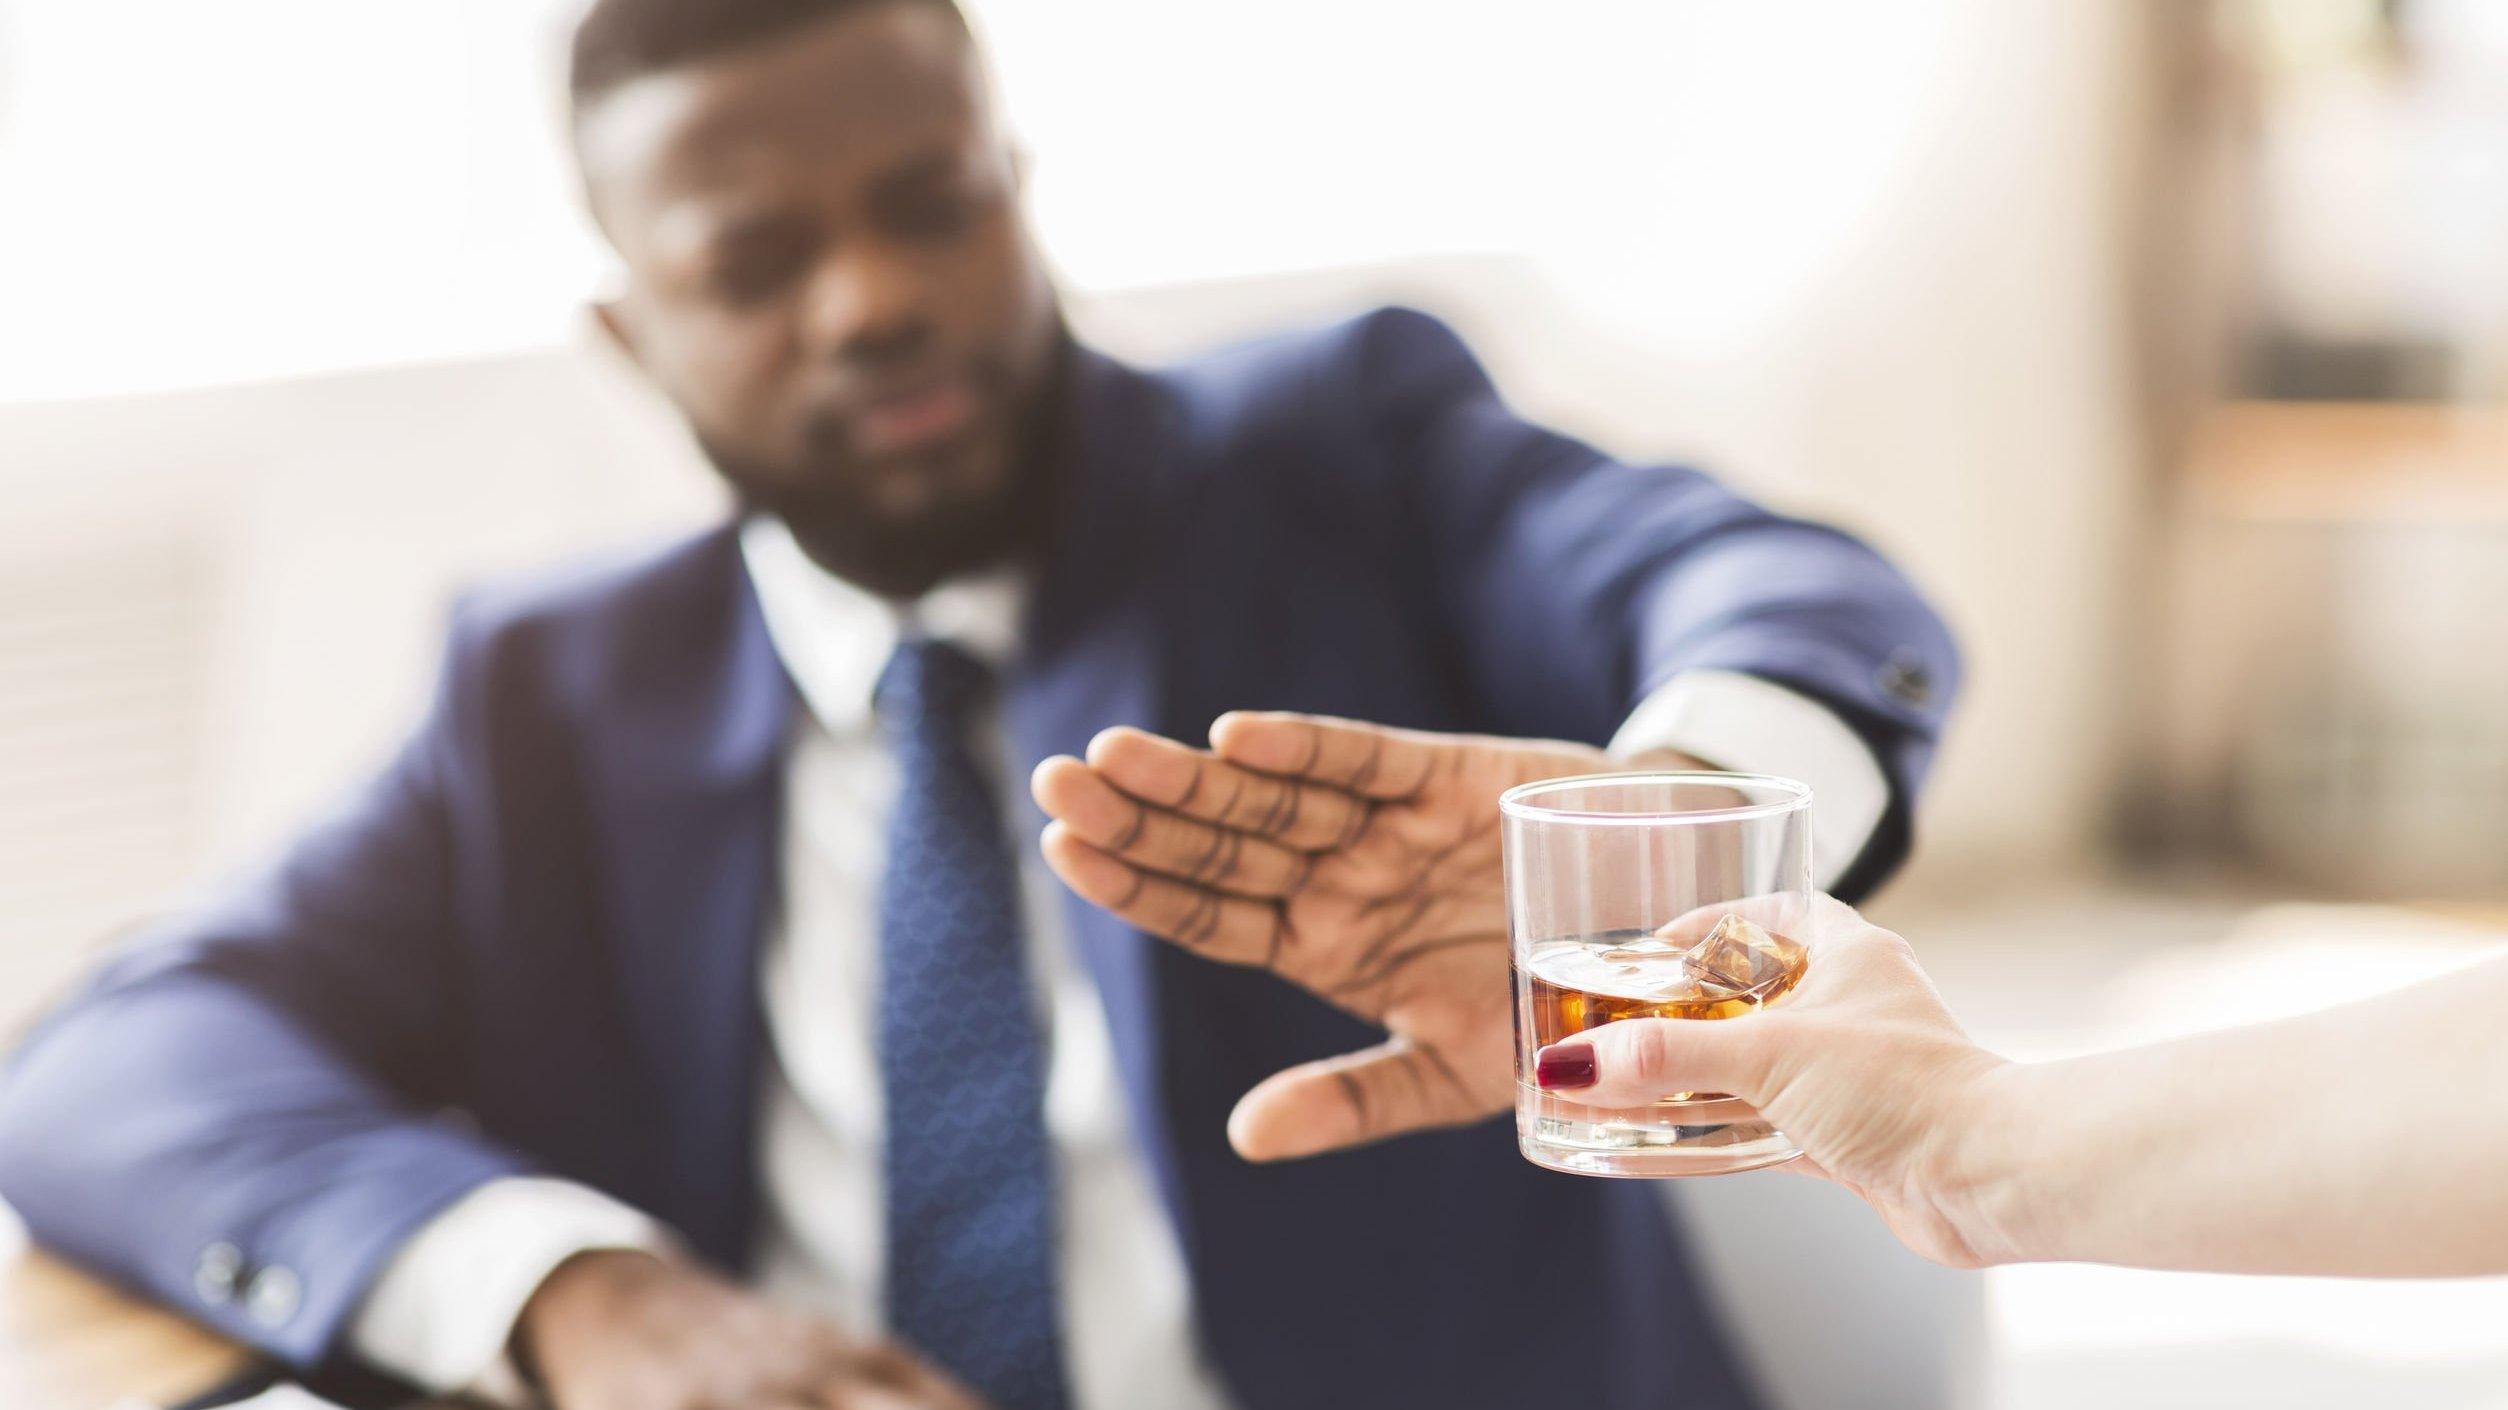 Homem esticando a mão para rejeitar copo com uísque.